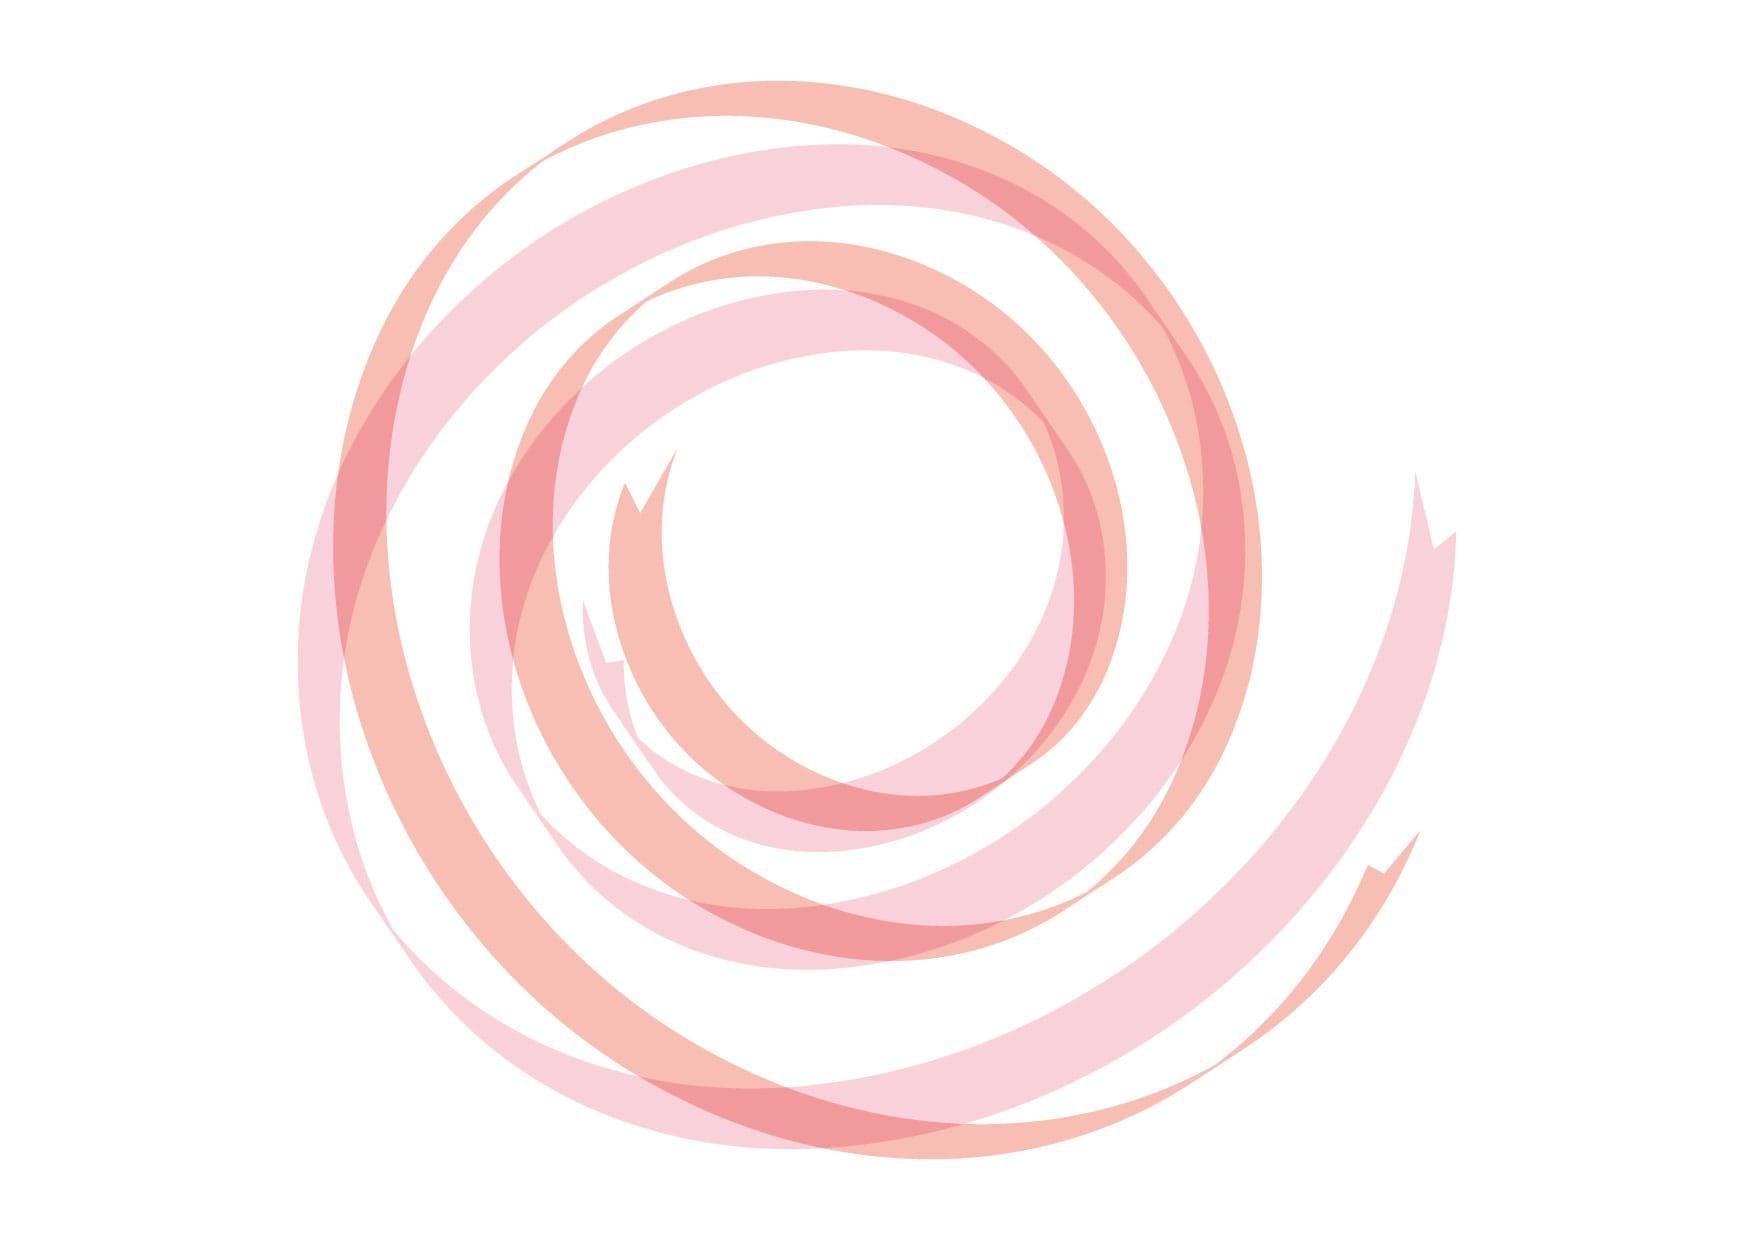 リボン 背景 カール 赤色 ピンク色 イラスト 無料